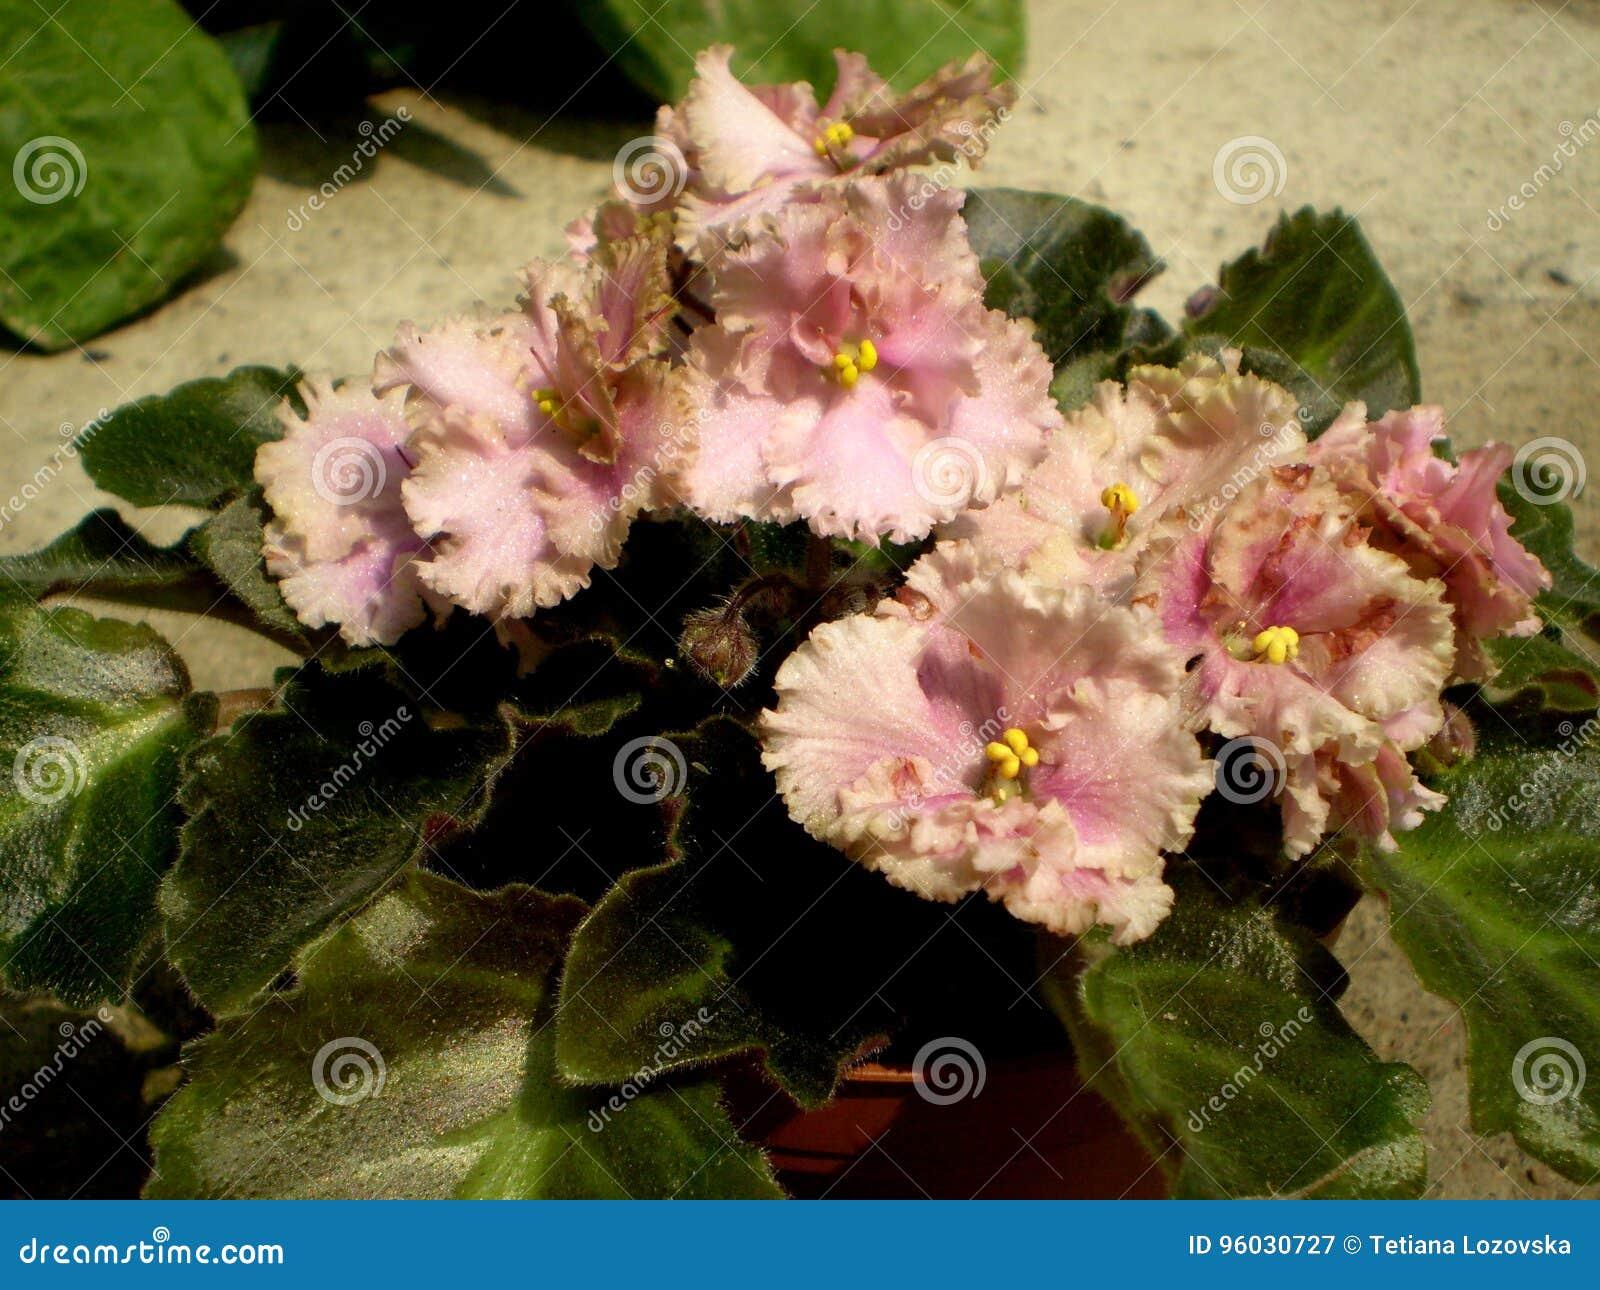 Fotografia różowy Saintpaulia kwiat z zielonymi liśćmi